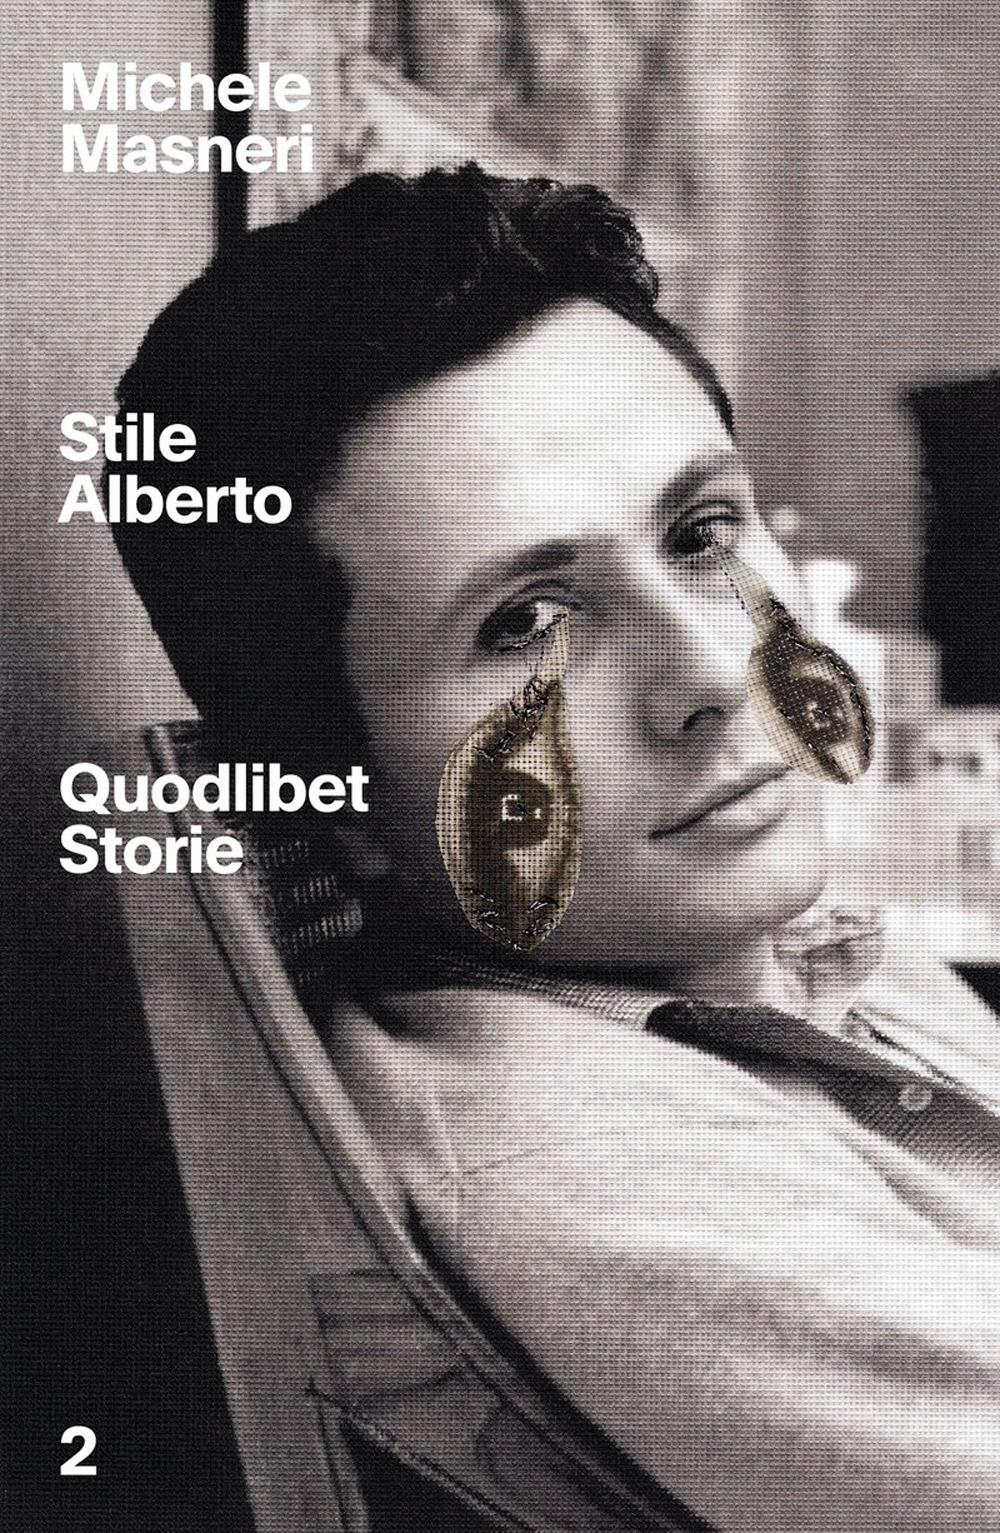 STILE ALBERTO - Masneri Michele - 9788822905383